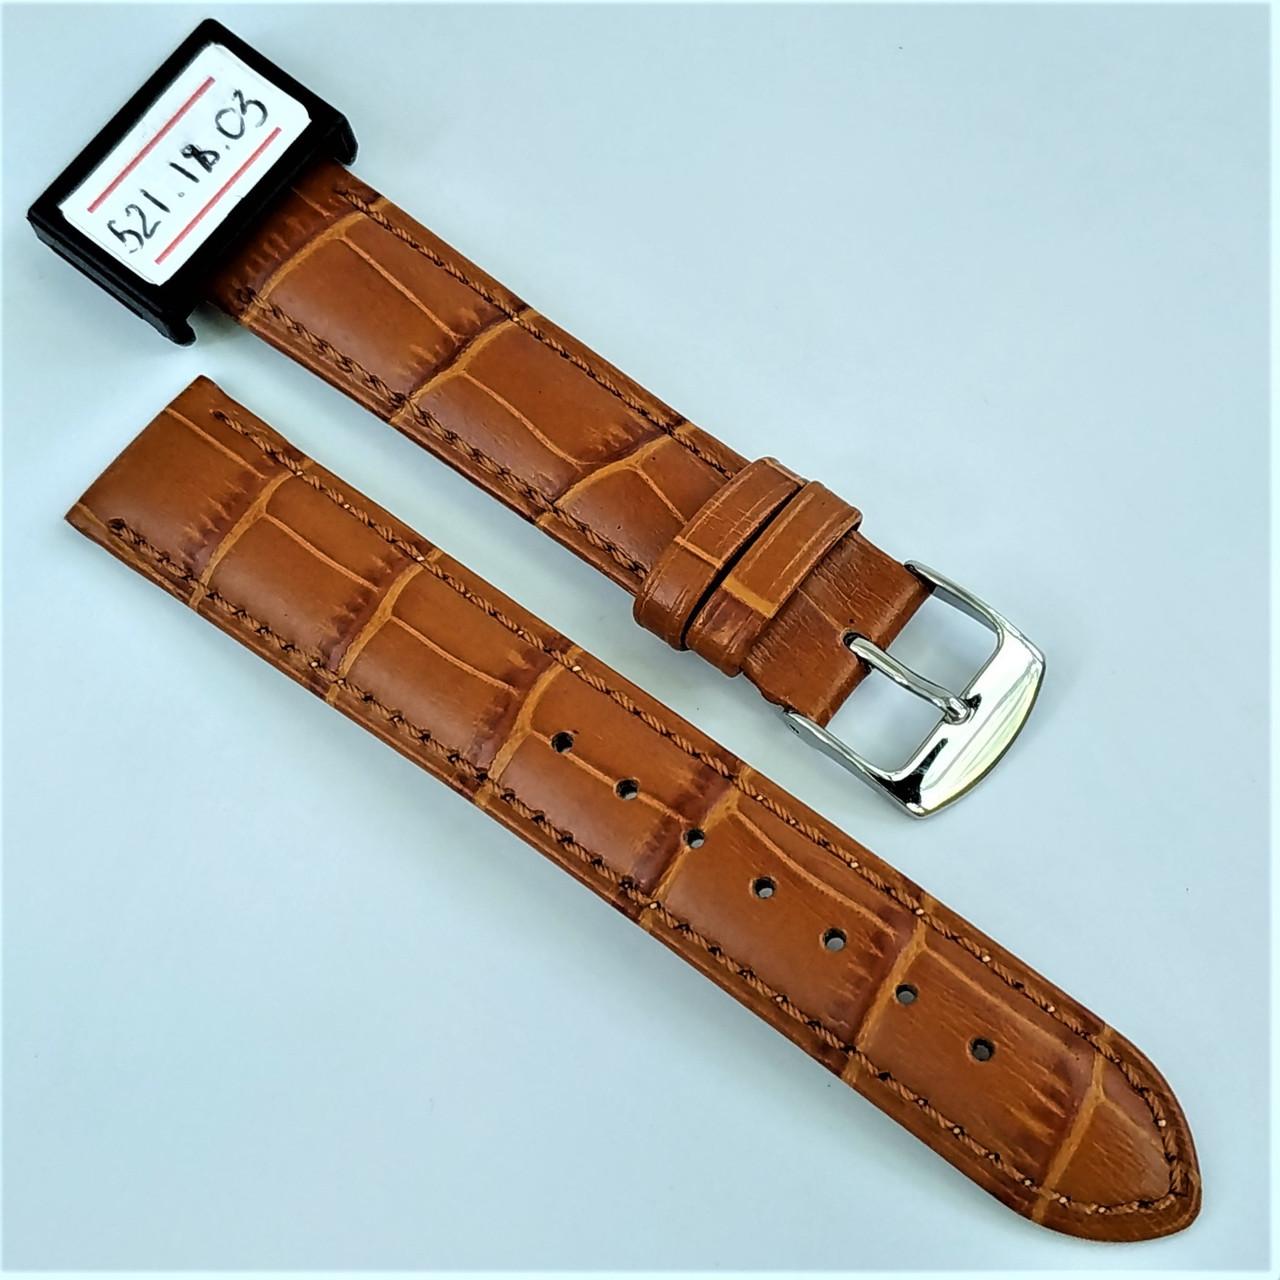 18 мм Кожаный Ремешок для часов CONDOR 521.18.03 Коричневый Ремешок на часы из Натуральной кожи